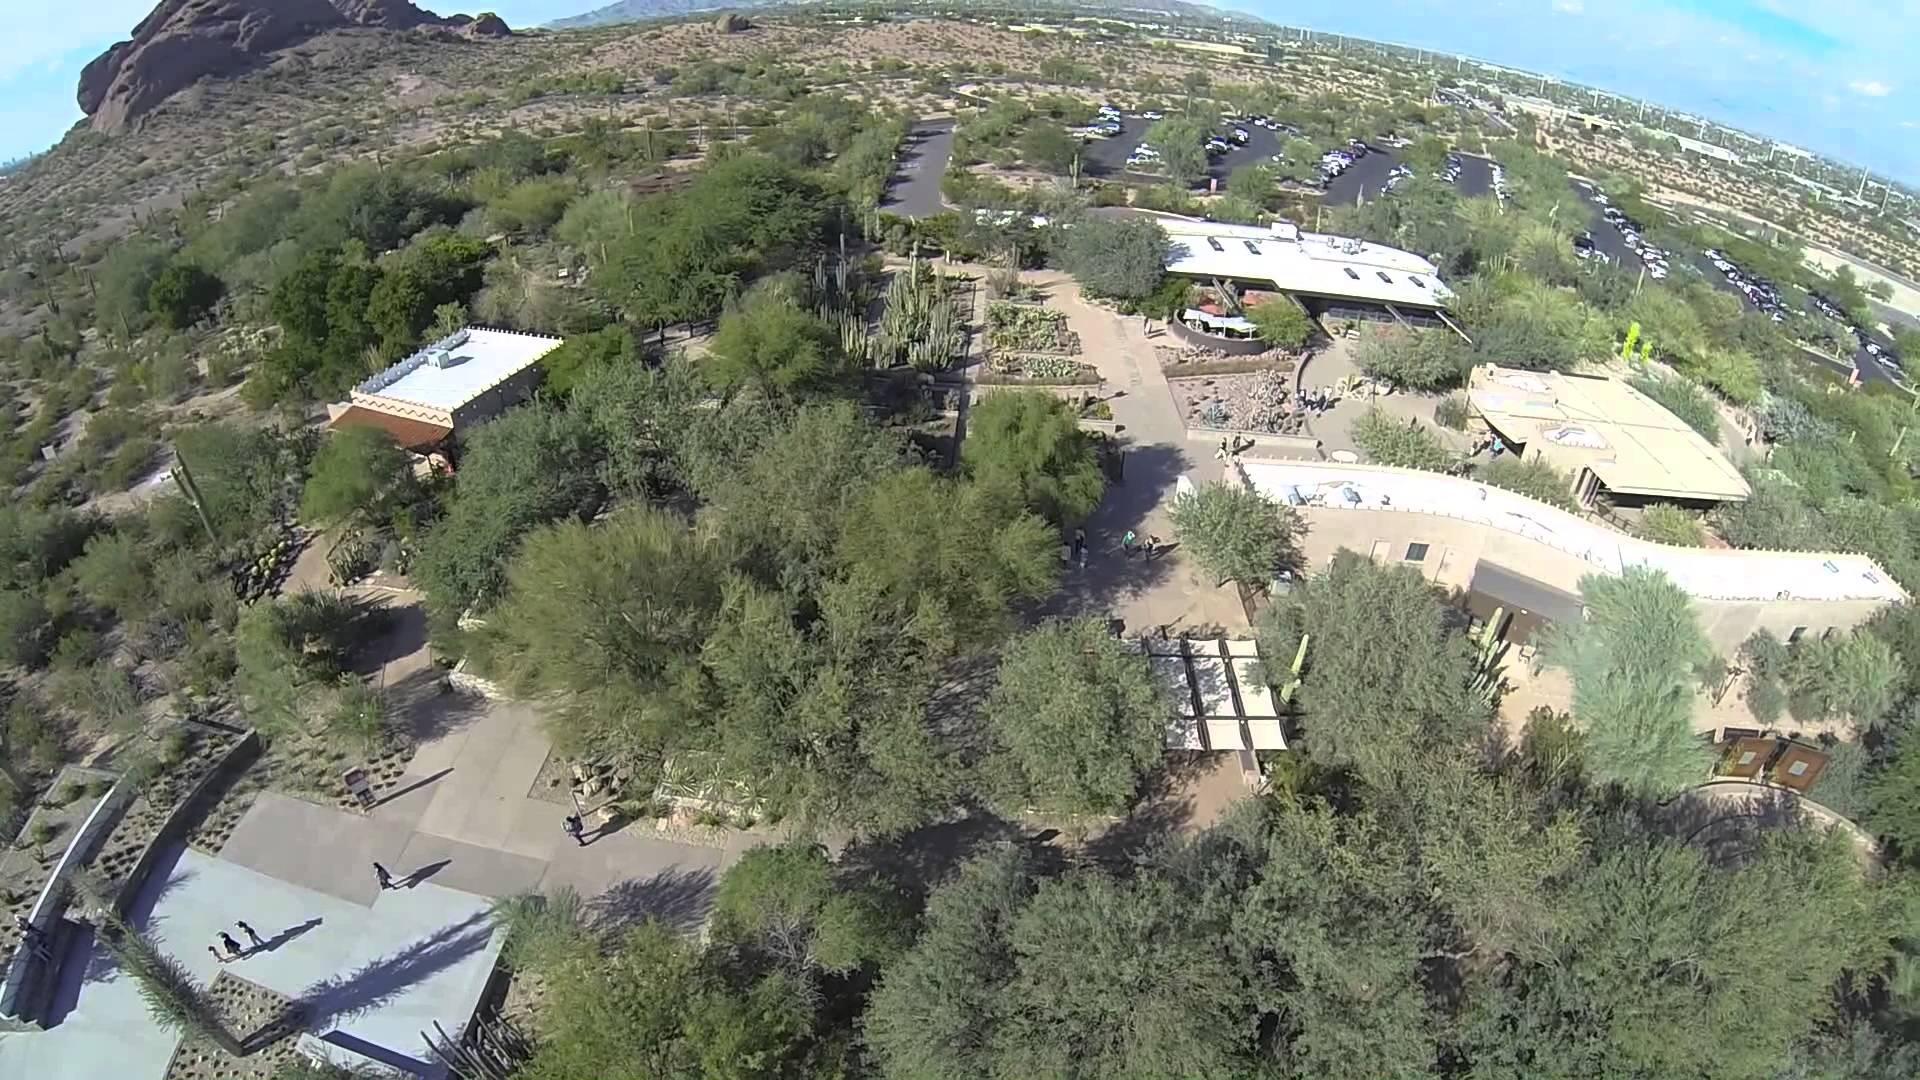 Flying high up at the Desert Botanical Garden.